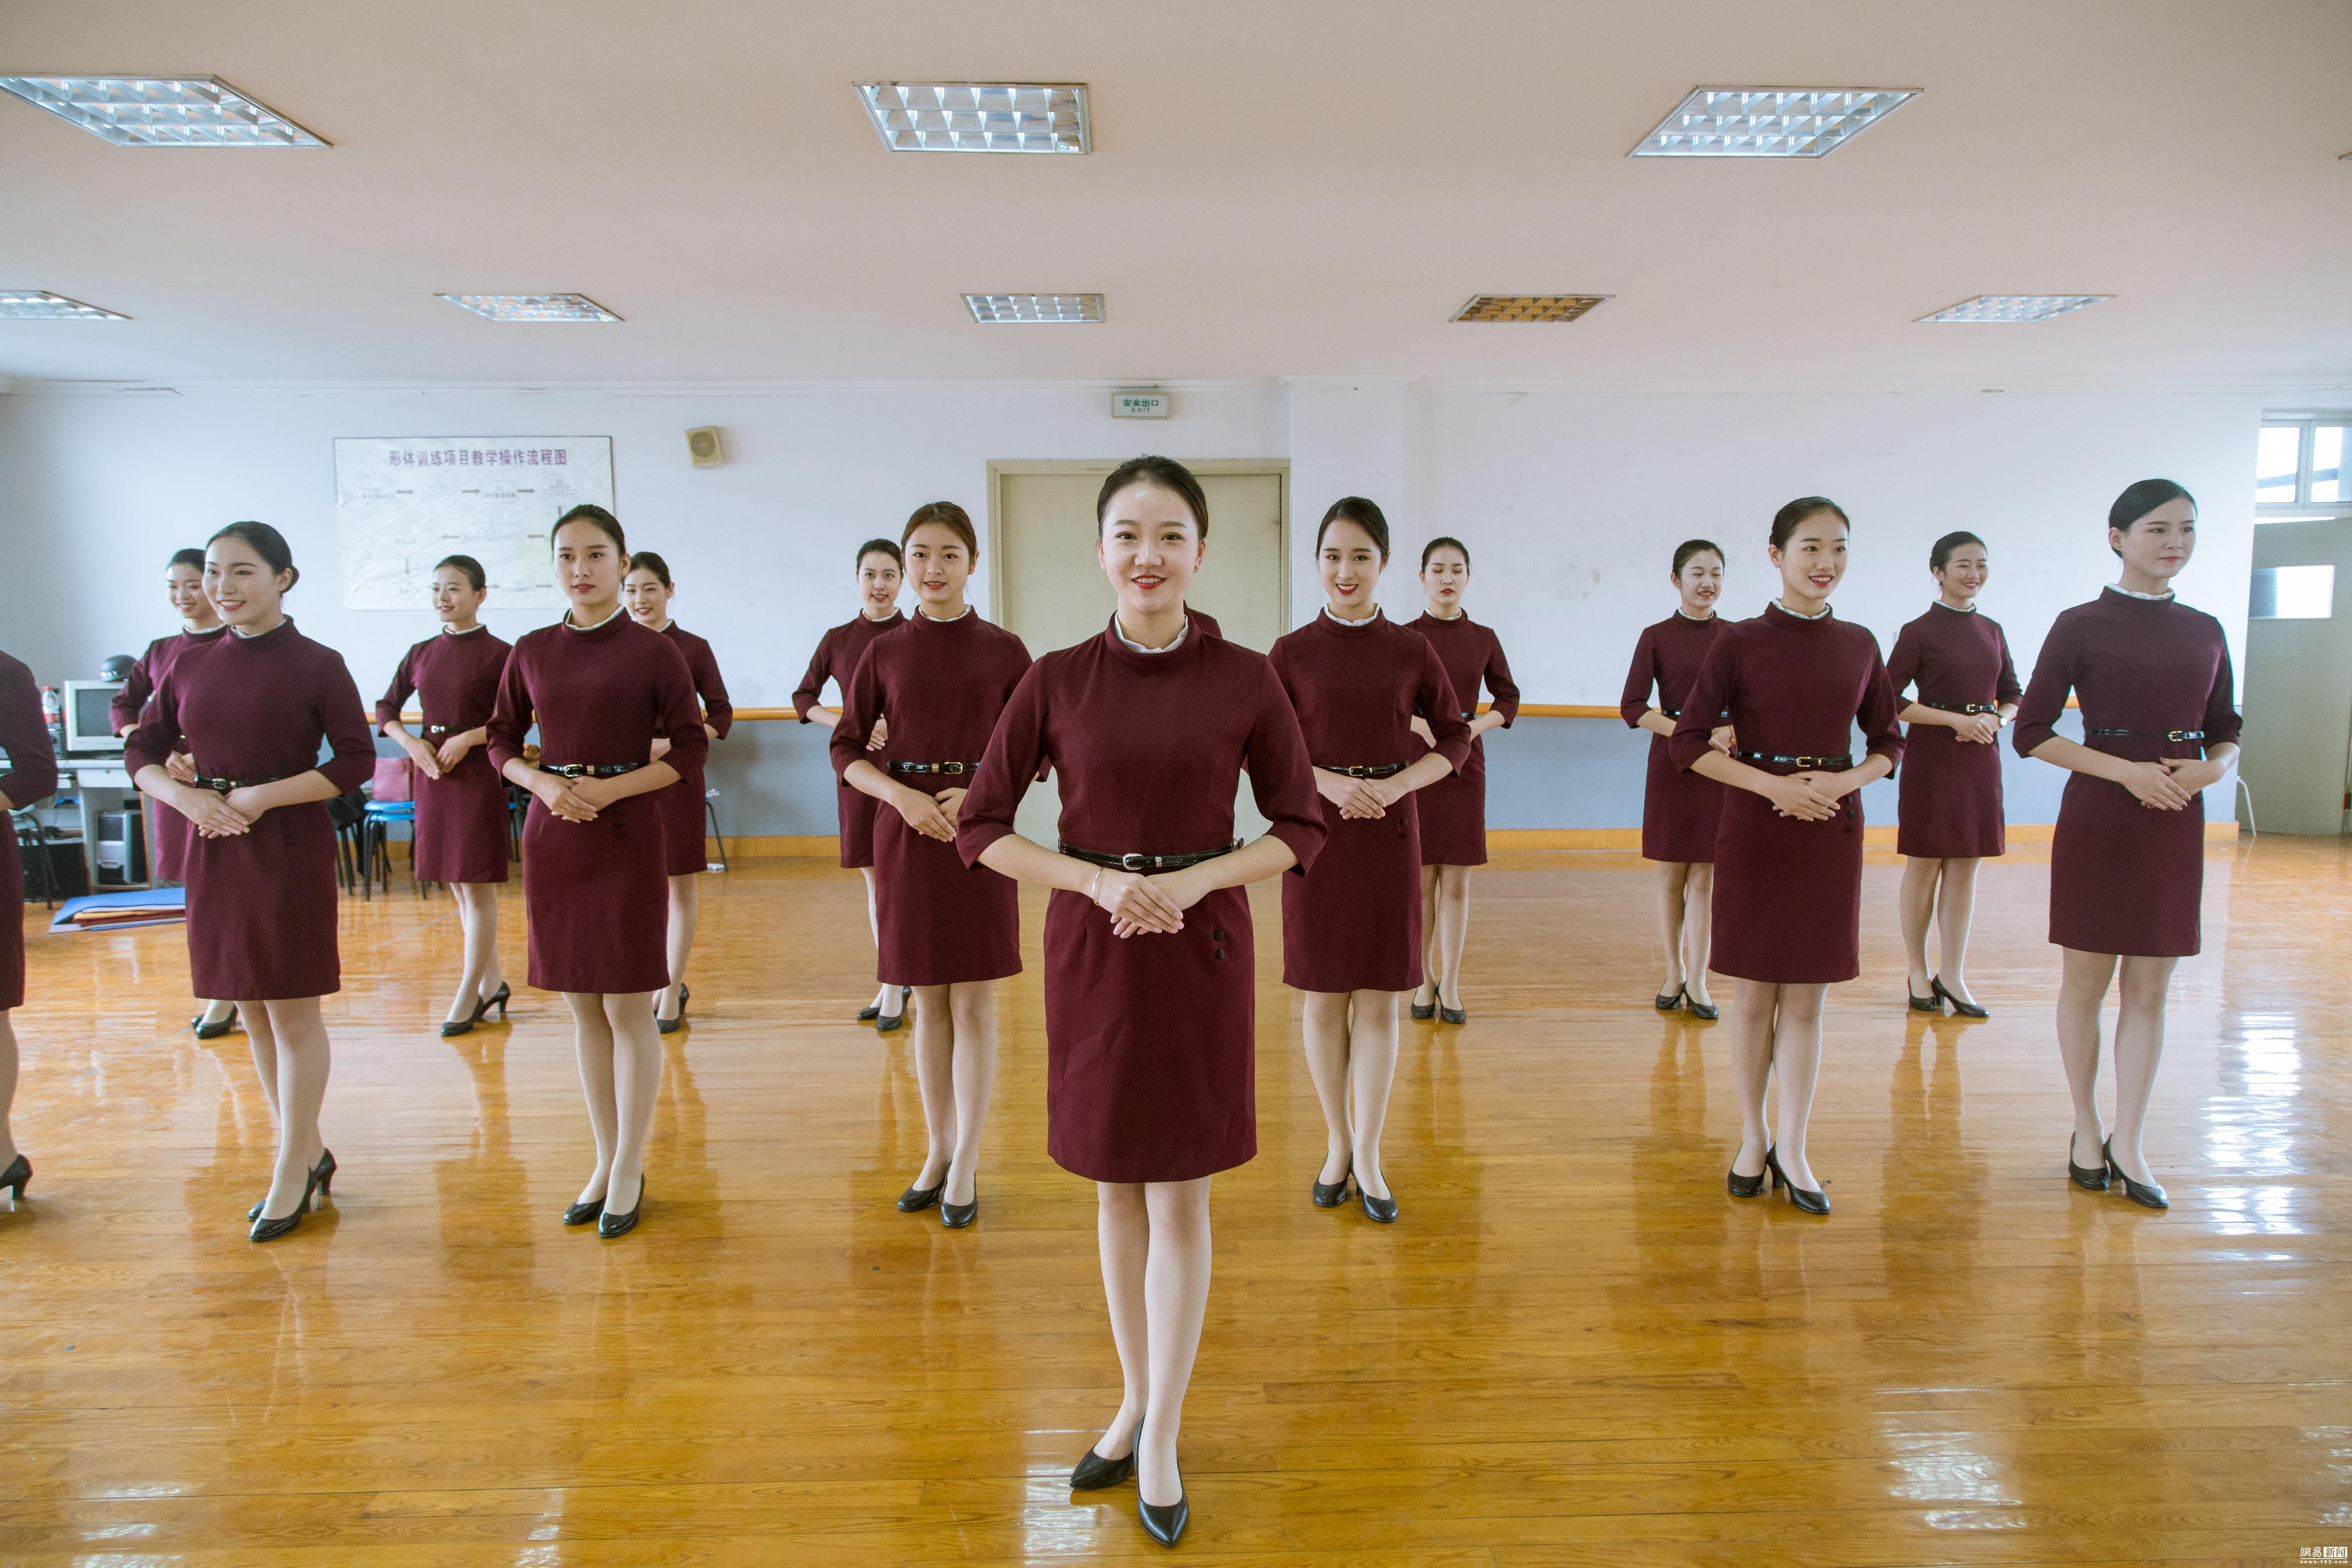 大学生志愿者礼仪训练备战互联网大会 - 周公乐 - xinhua8848 的博客